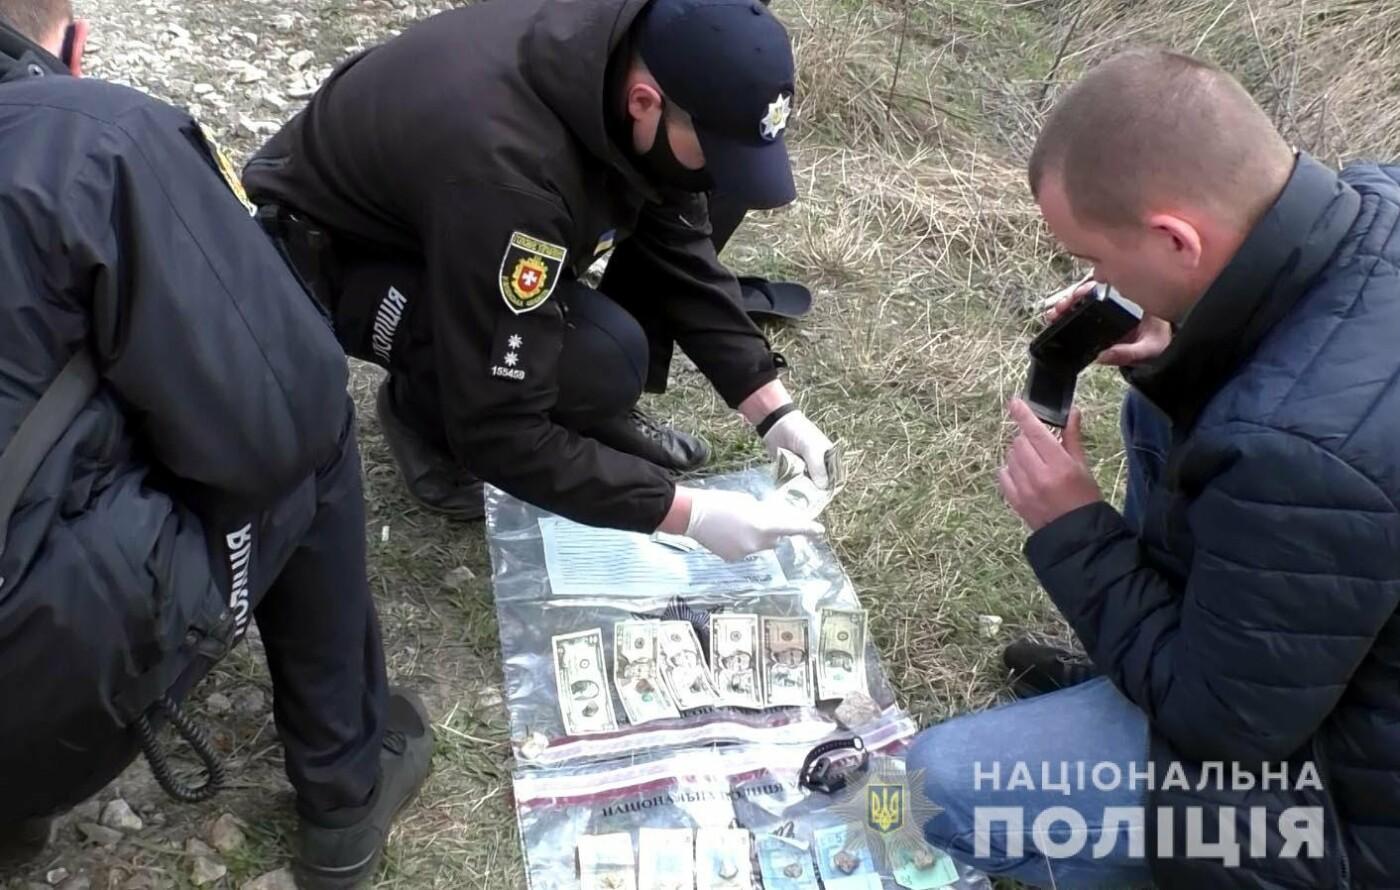 Поверталися з краденим додому: жителів Вінничини, які можуть бути причетними до серій крадіжок, упіймали на виїзді з Рівного, фото-5